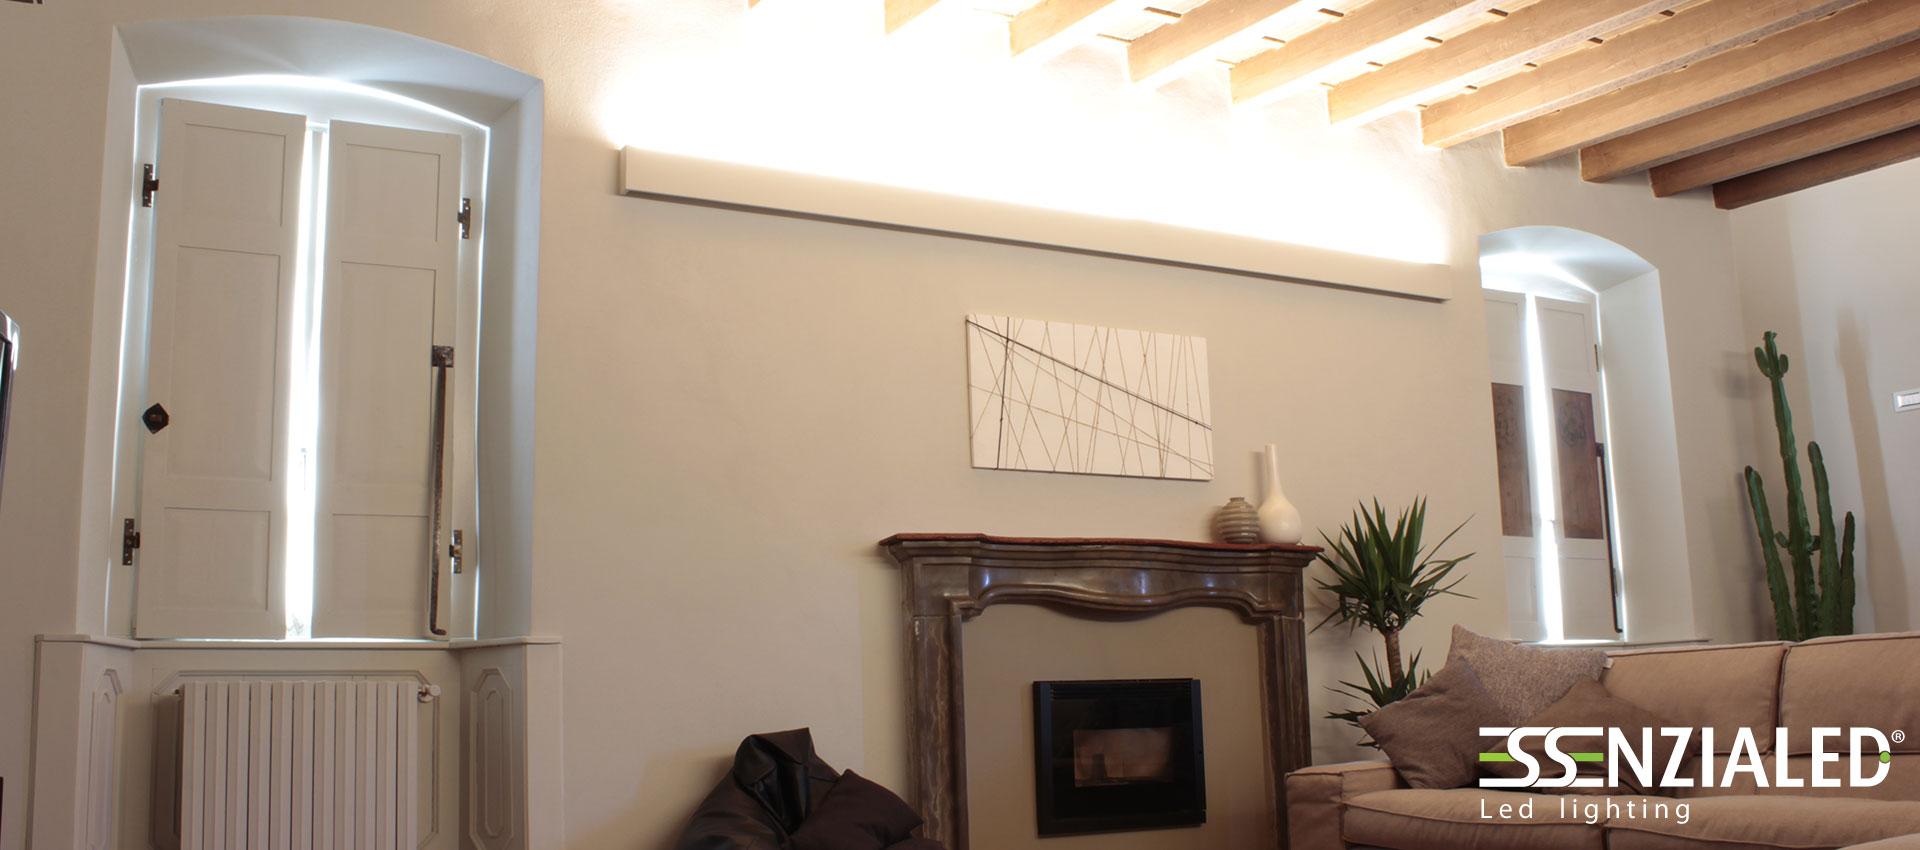 Illuminazione Per Soffitto Con Travi In Legno ~ Design casa creativa e mobili ispiratori